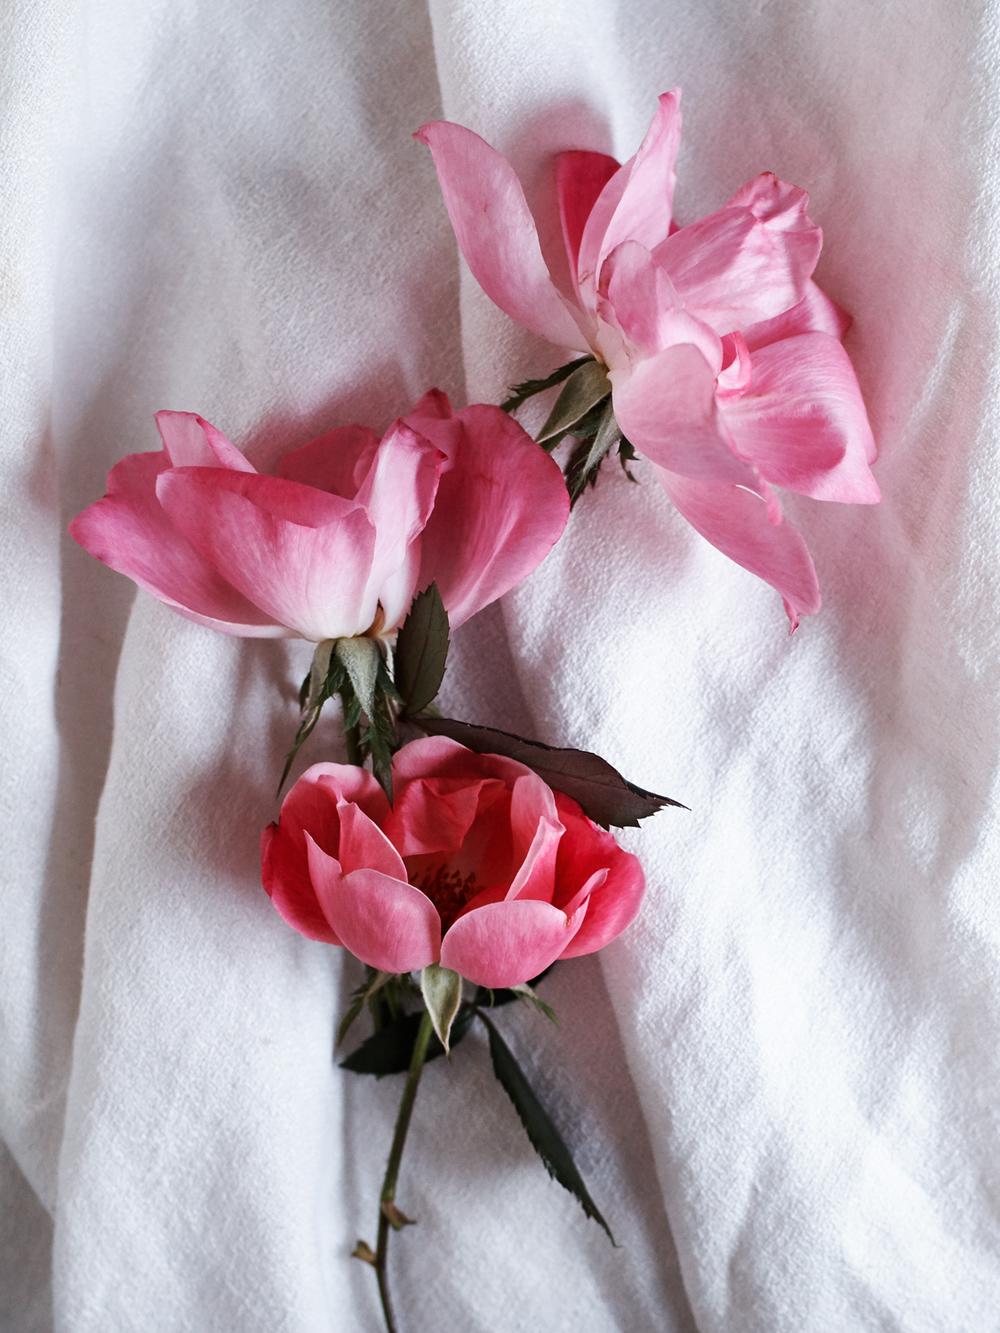 Flowers_102415_199.jpg